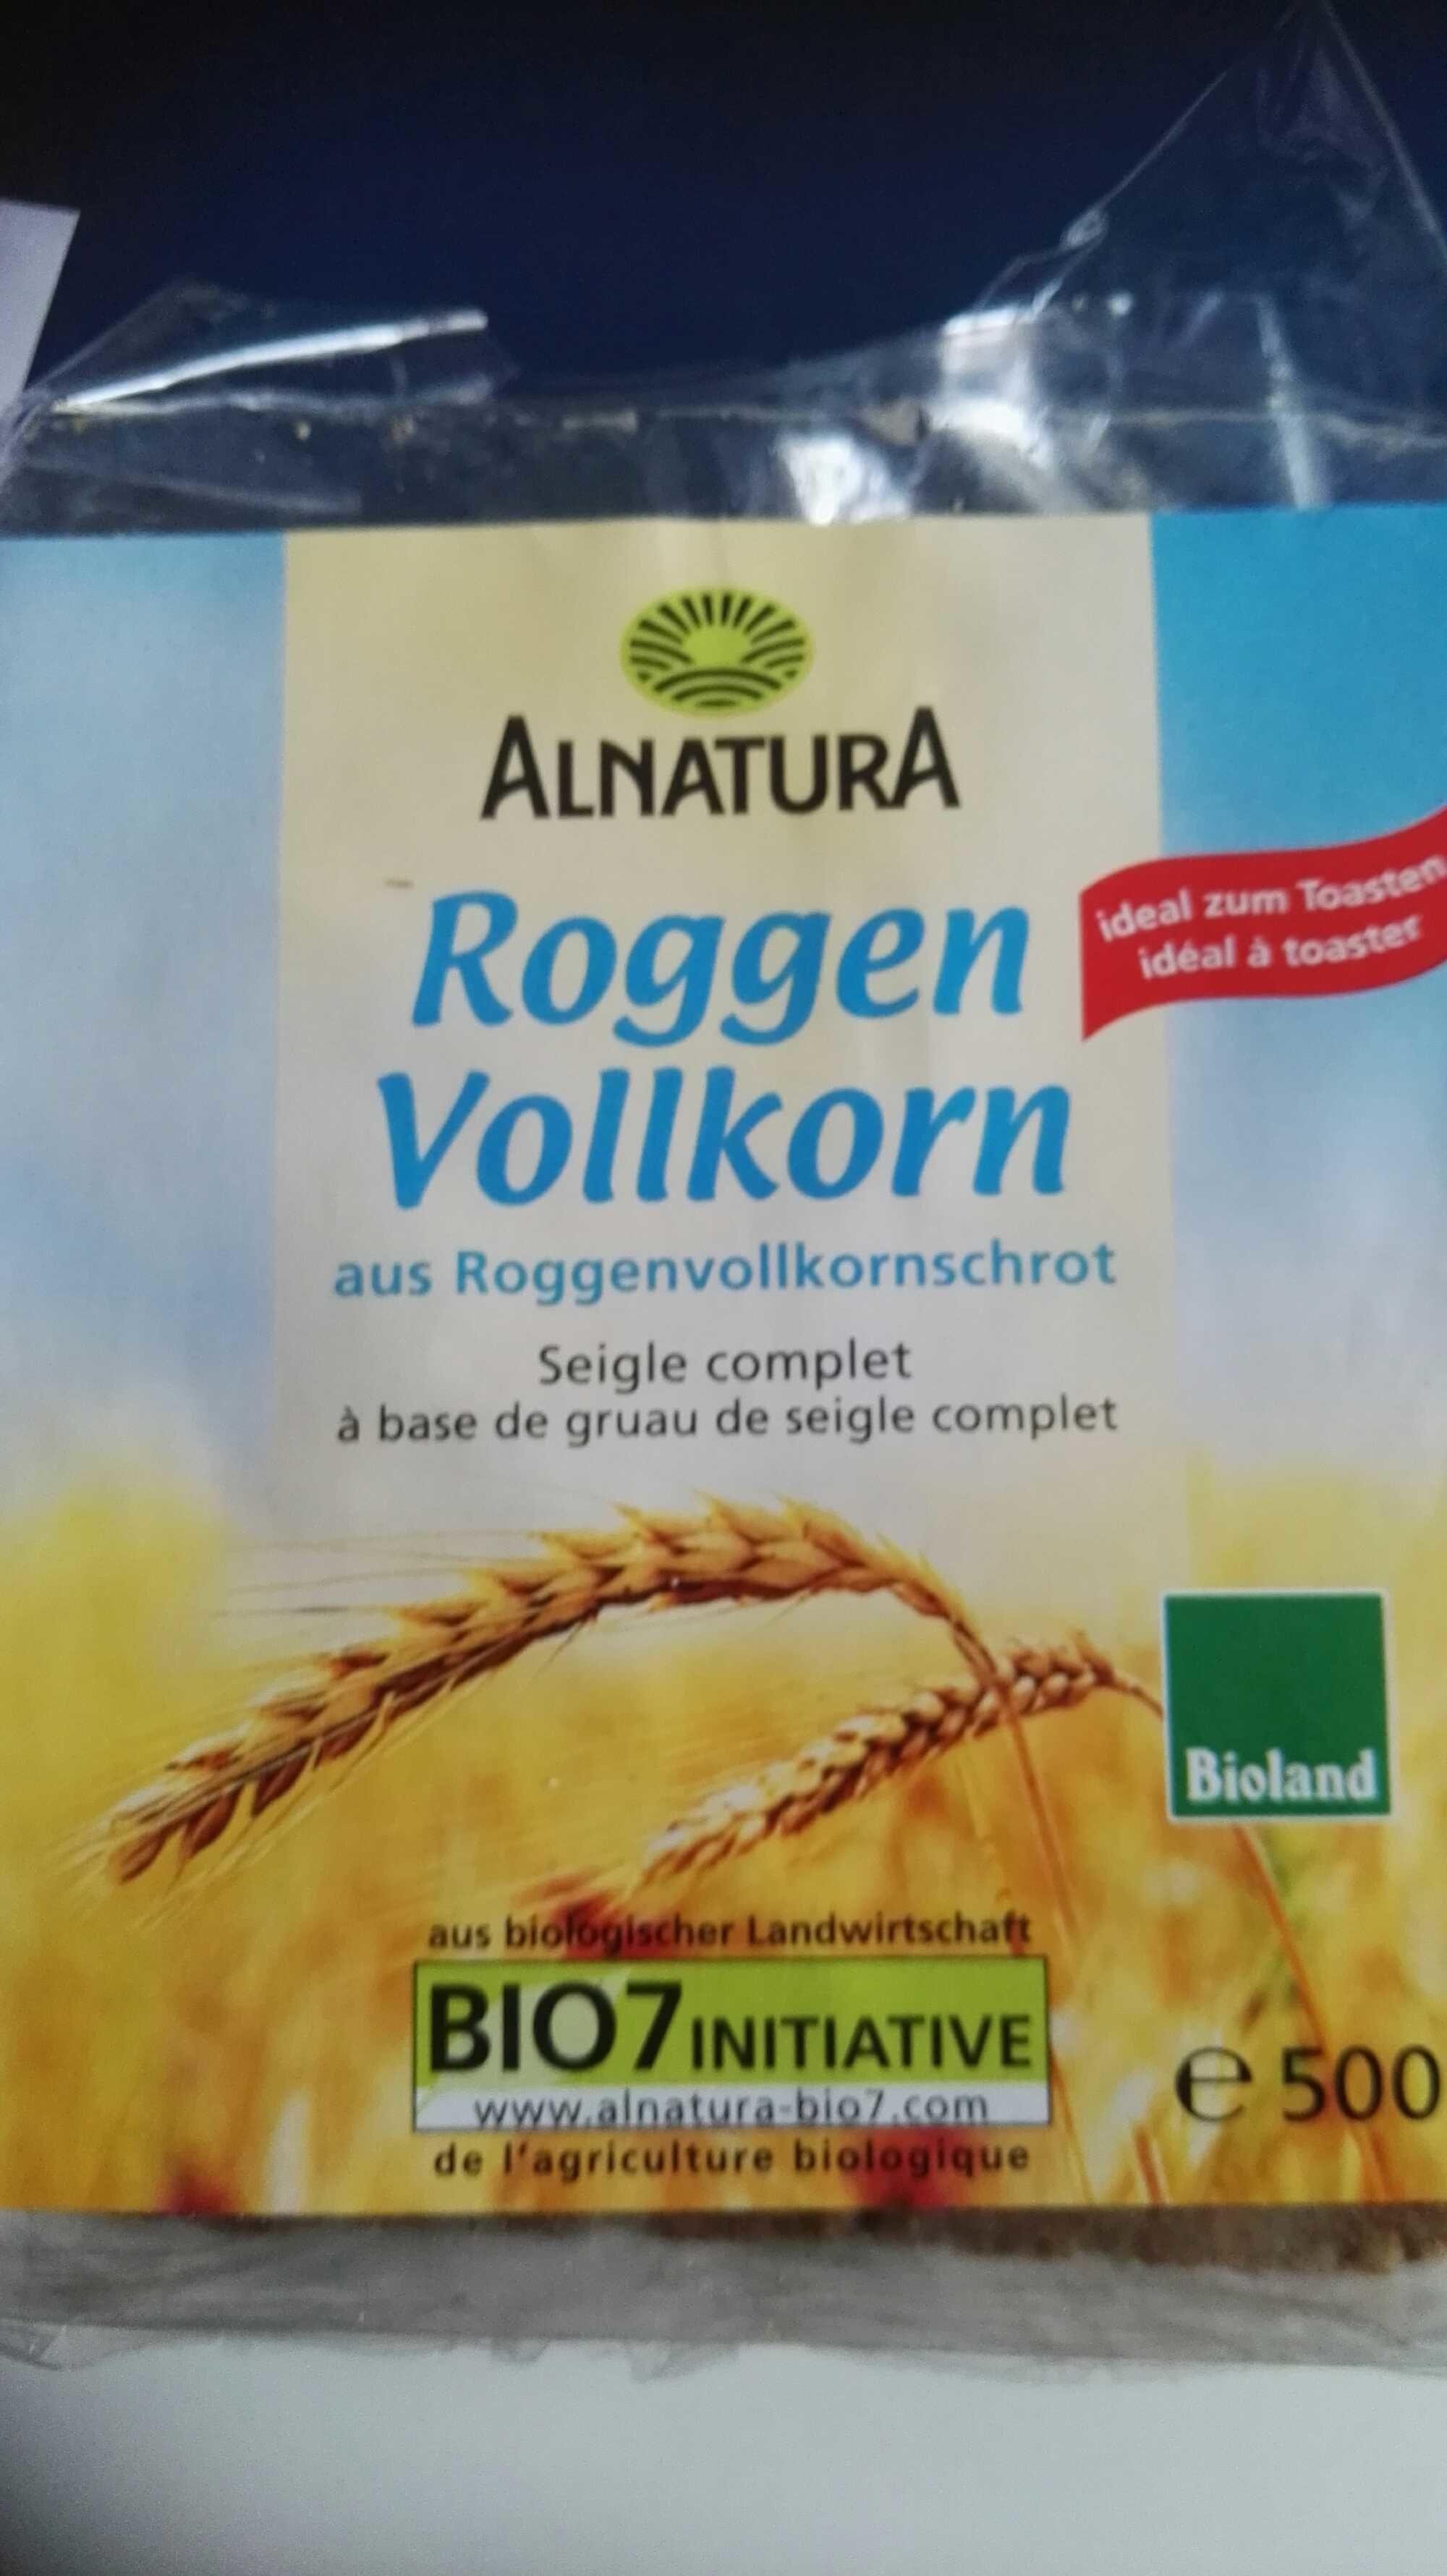 Bio Roggenvollkornbrot aus Roggenvollkornschrot - Produit - fr